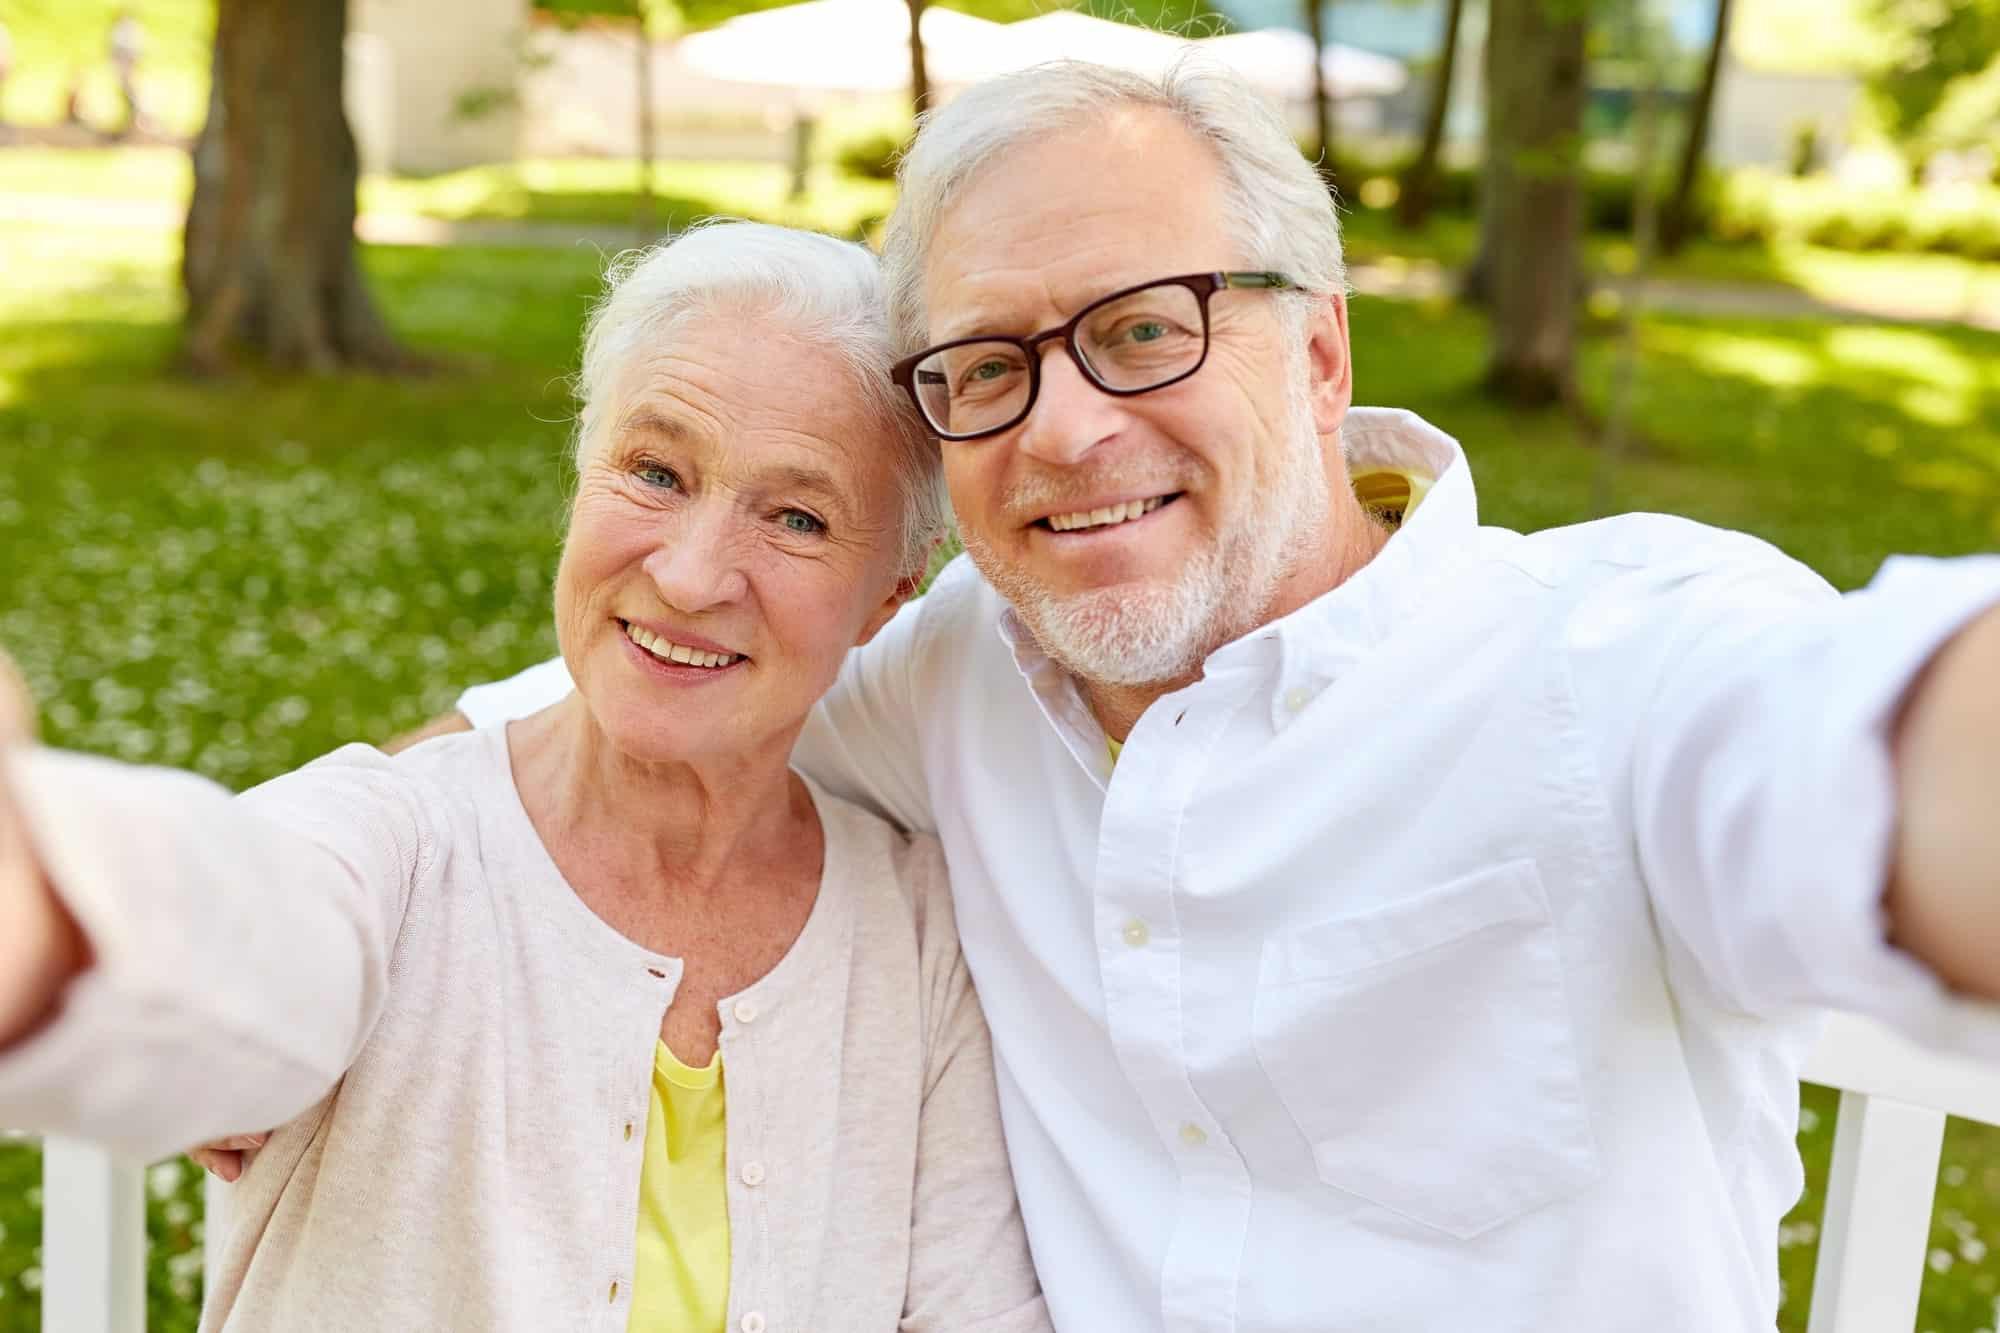 senior couple taking selfie at summer park